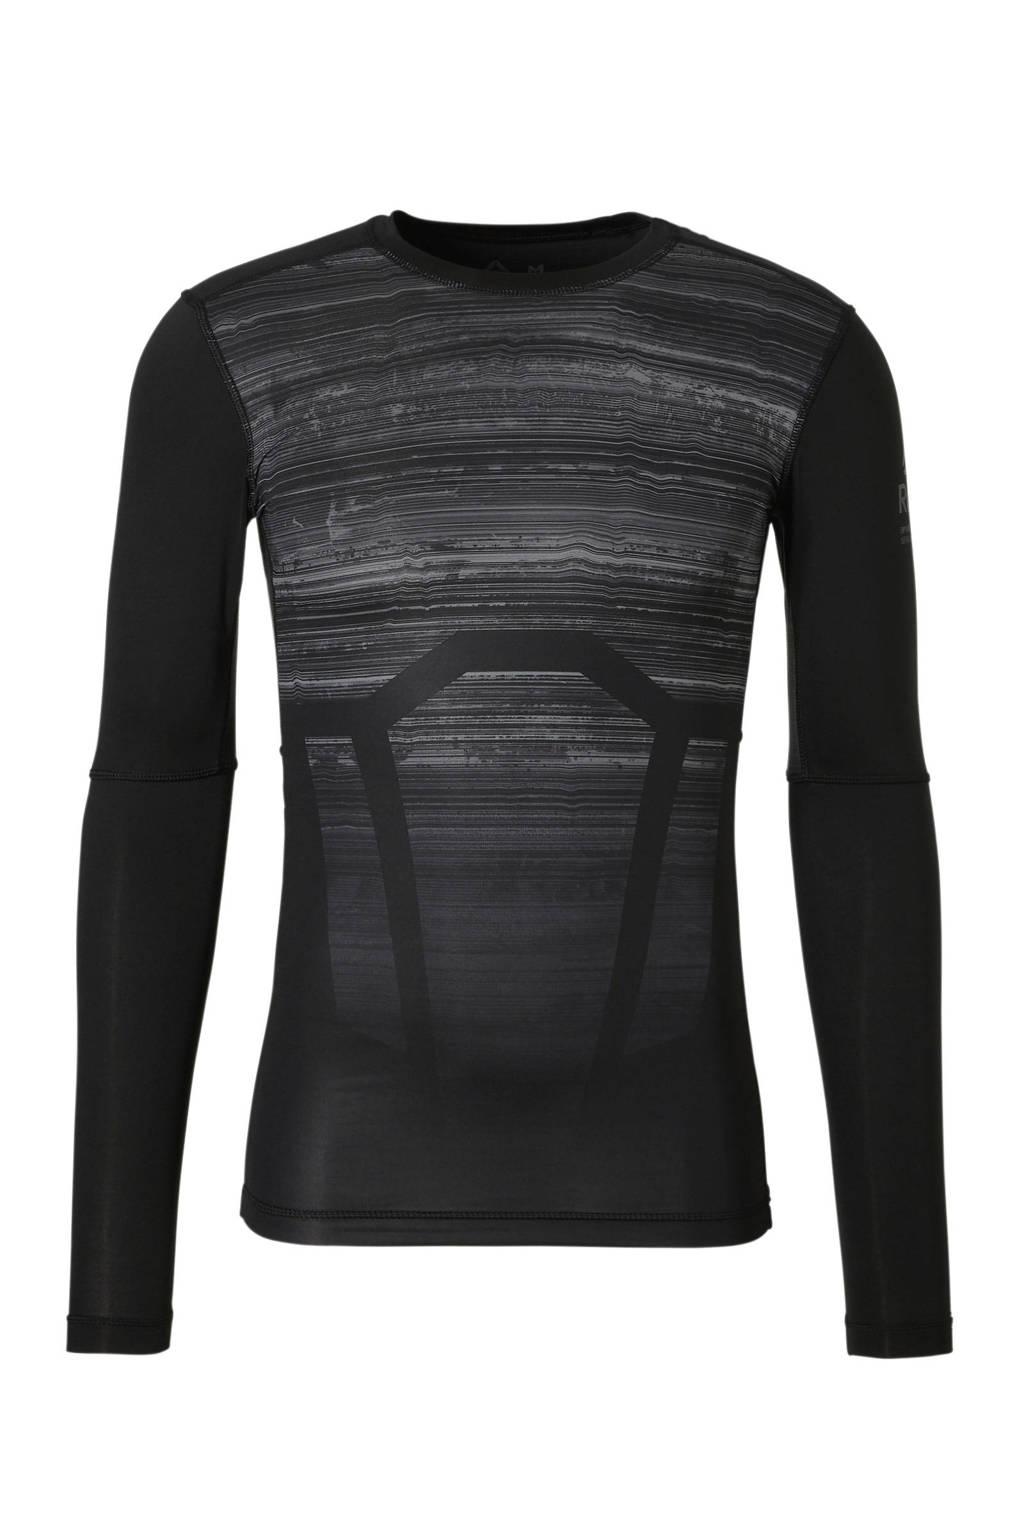 Reebok   sport T-shirt zwart-grijs, Zwart/grijs